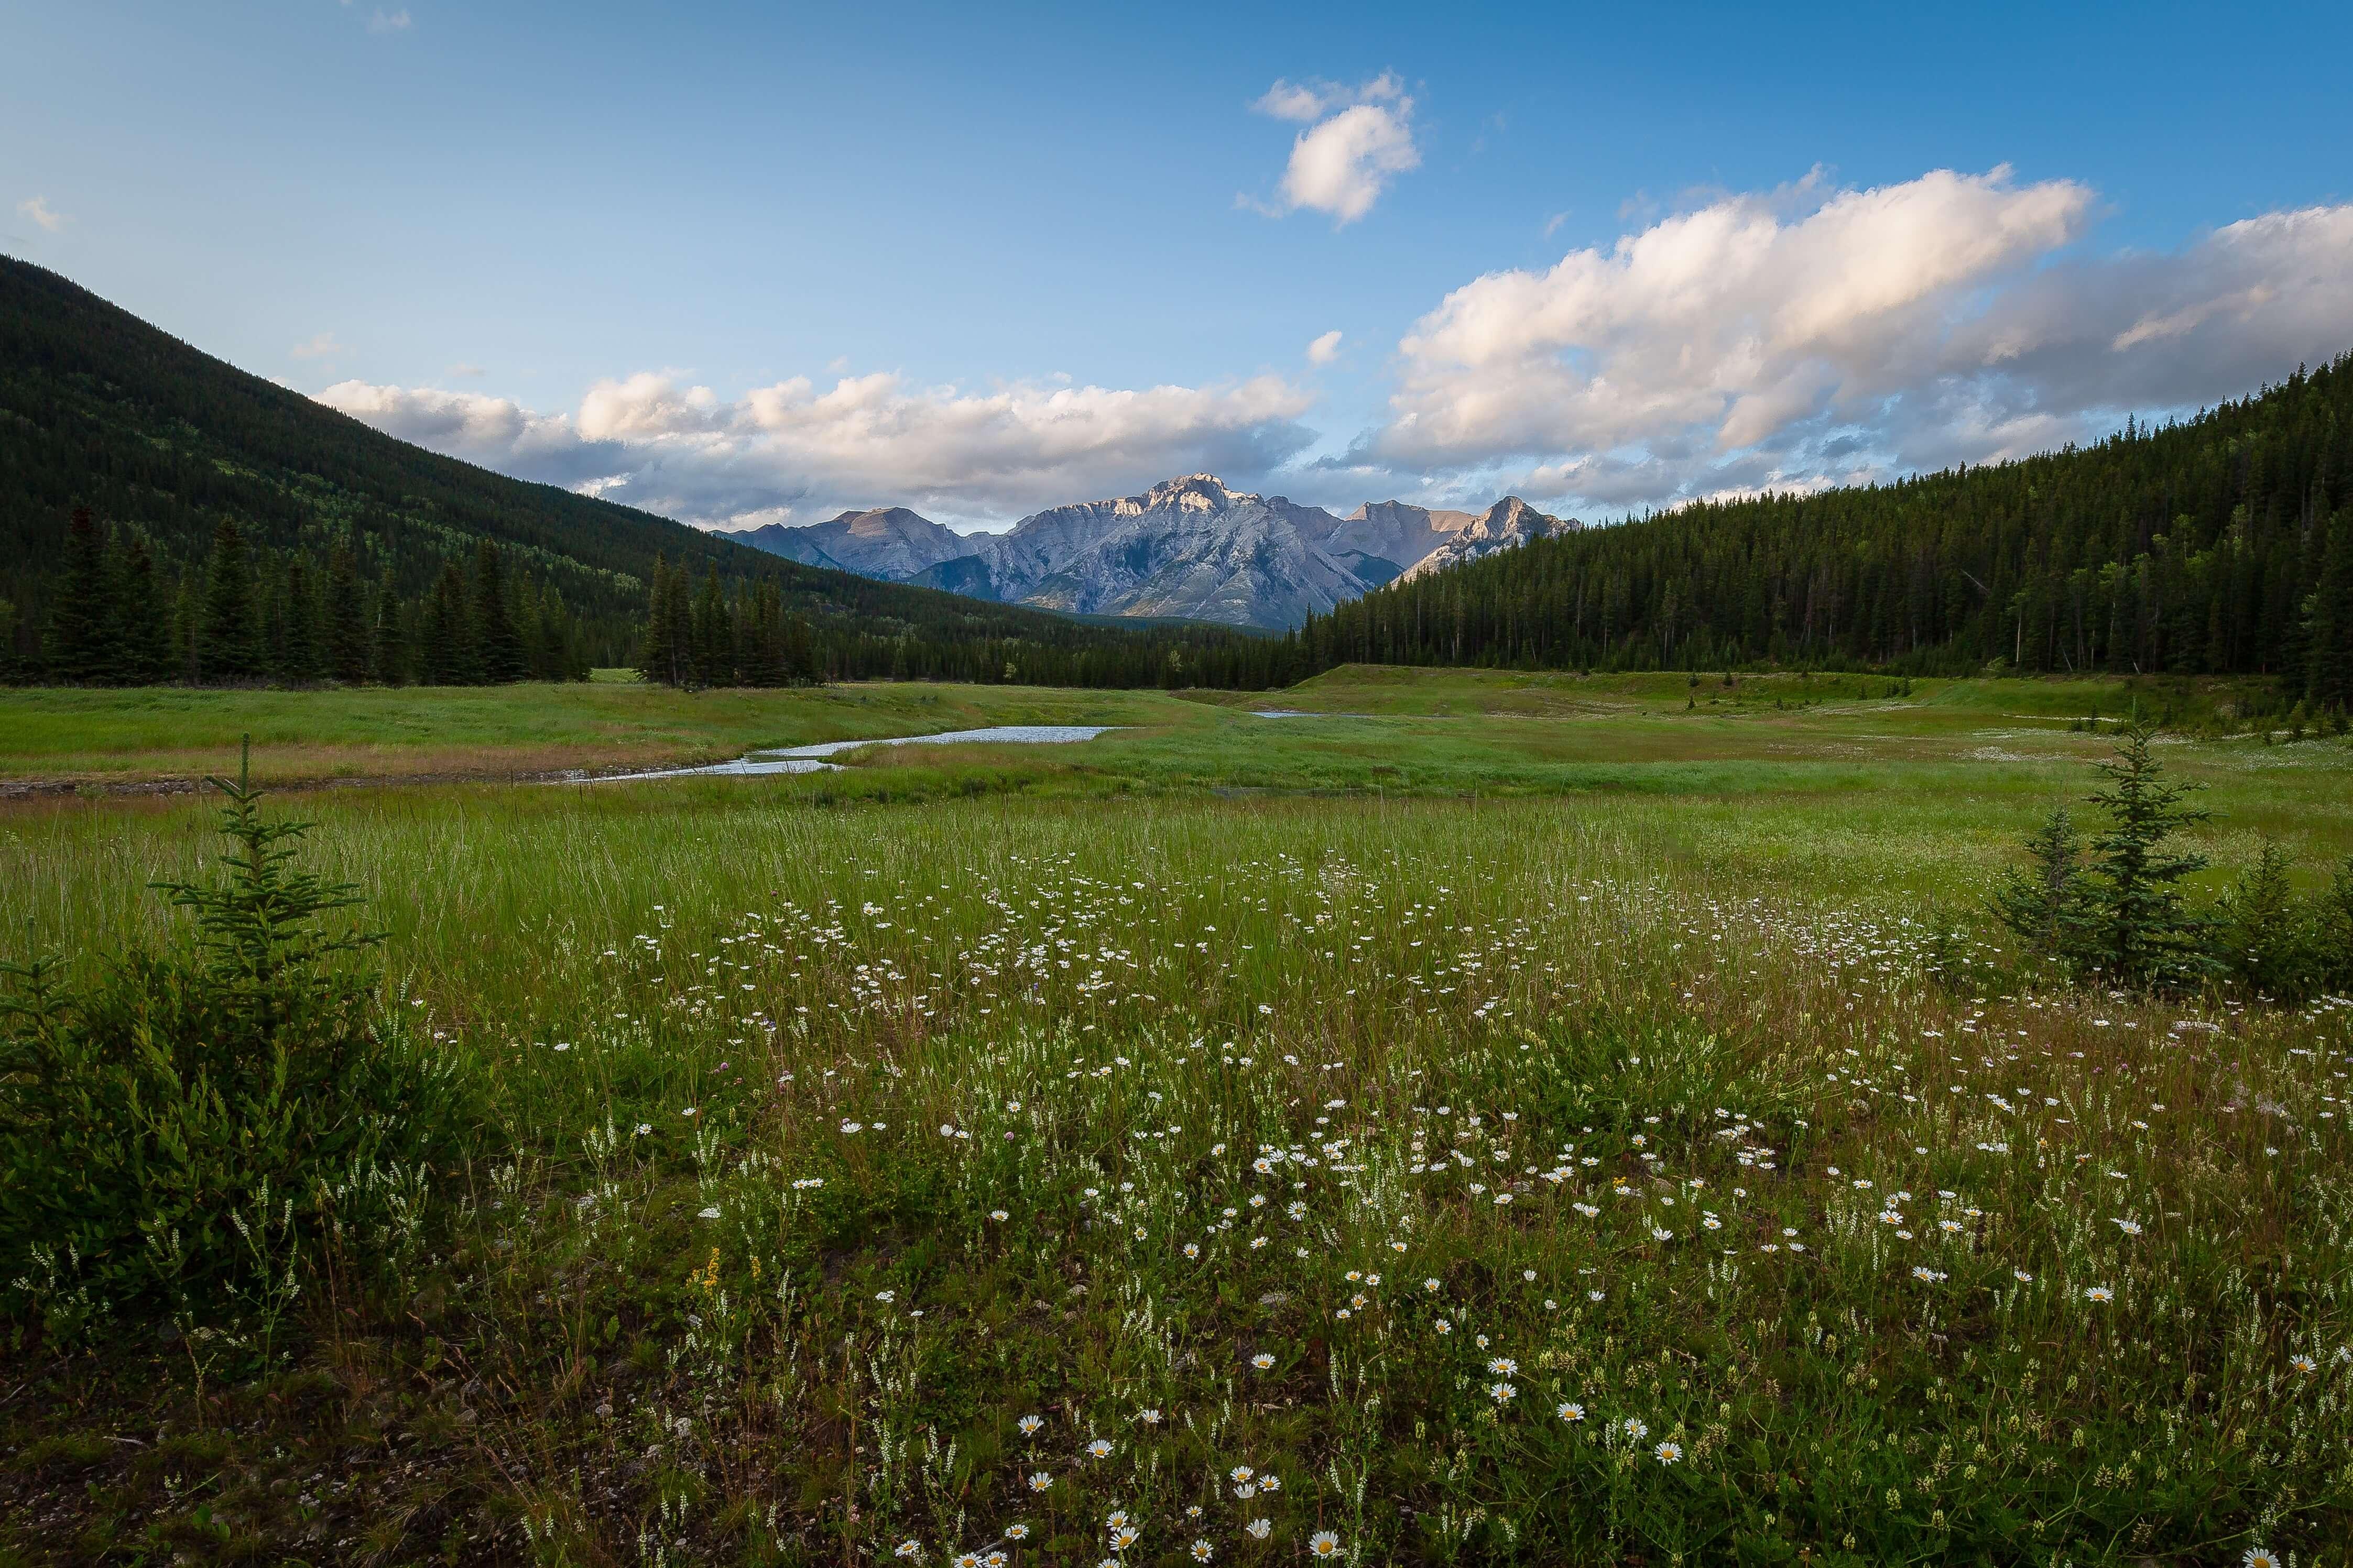 Photo of a mountainous rural area.